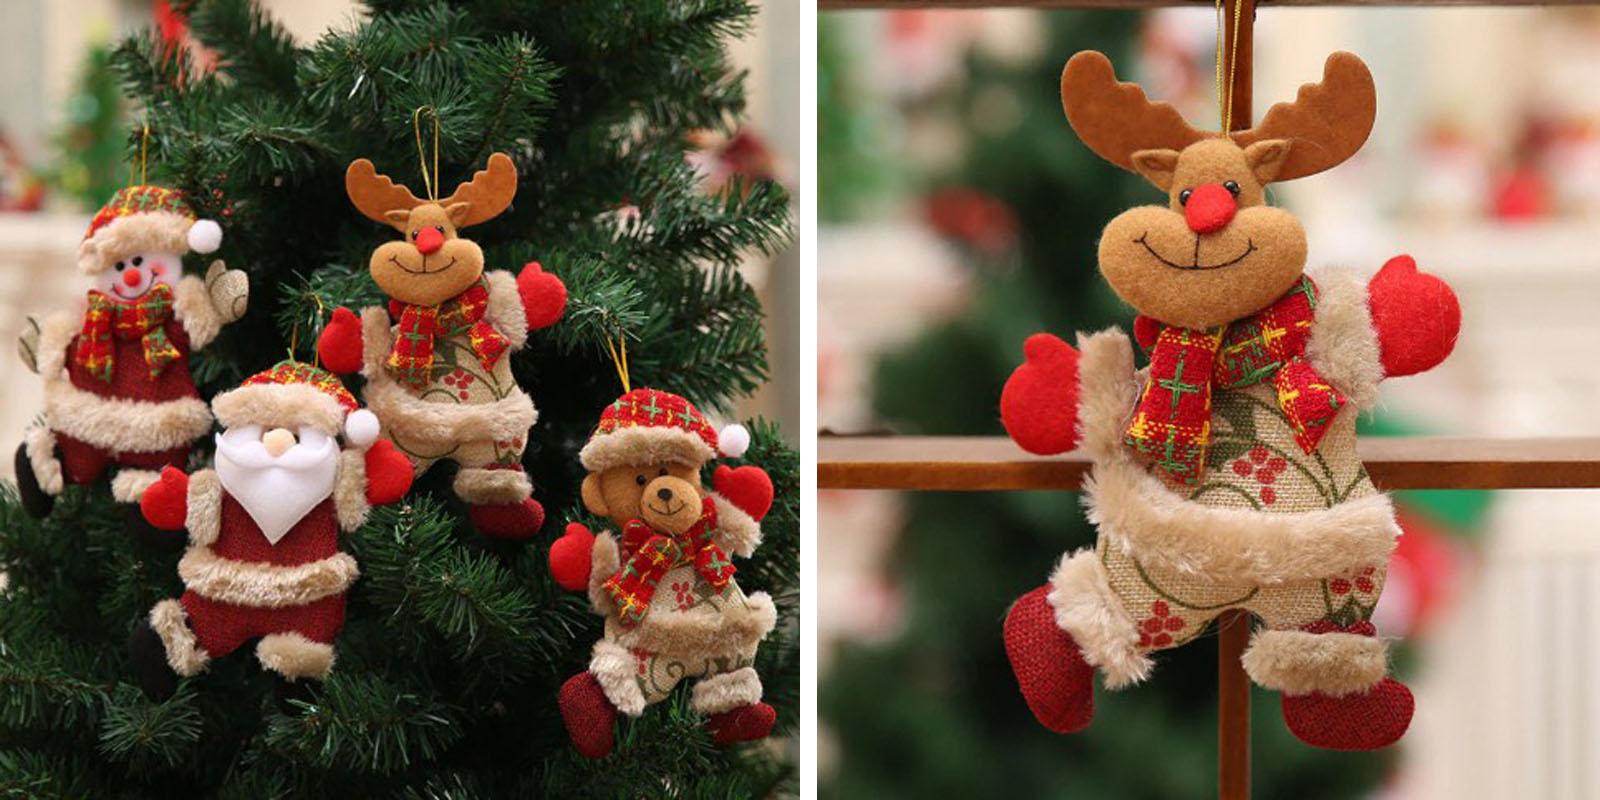 Как сделать новогодние игрушки своими руками, елочные украшения (фото)